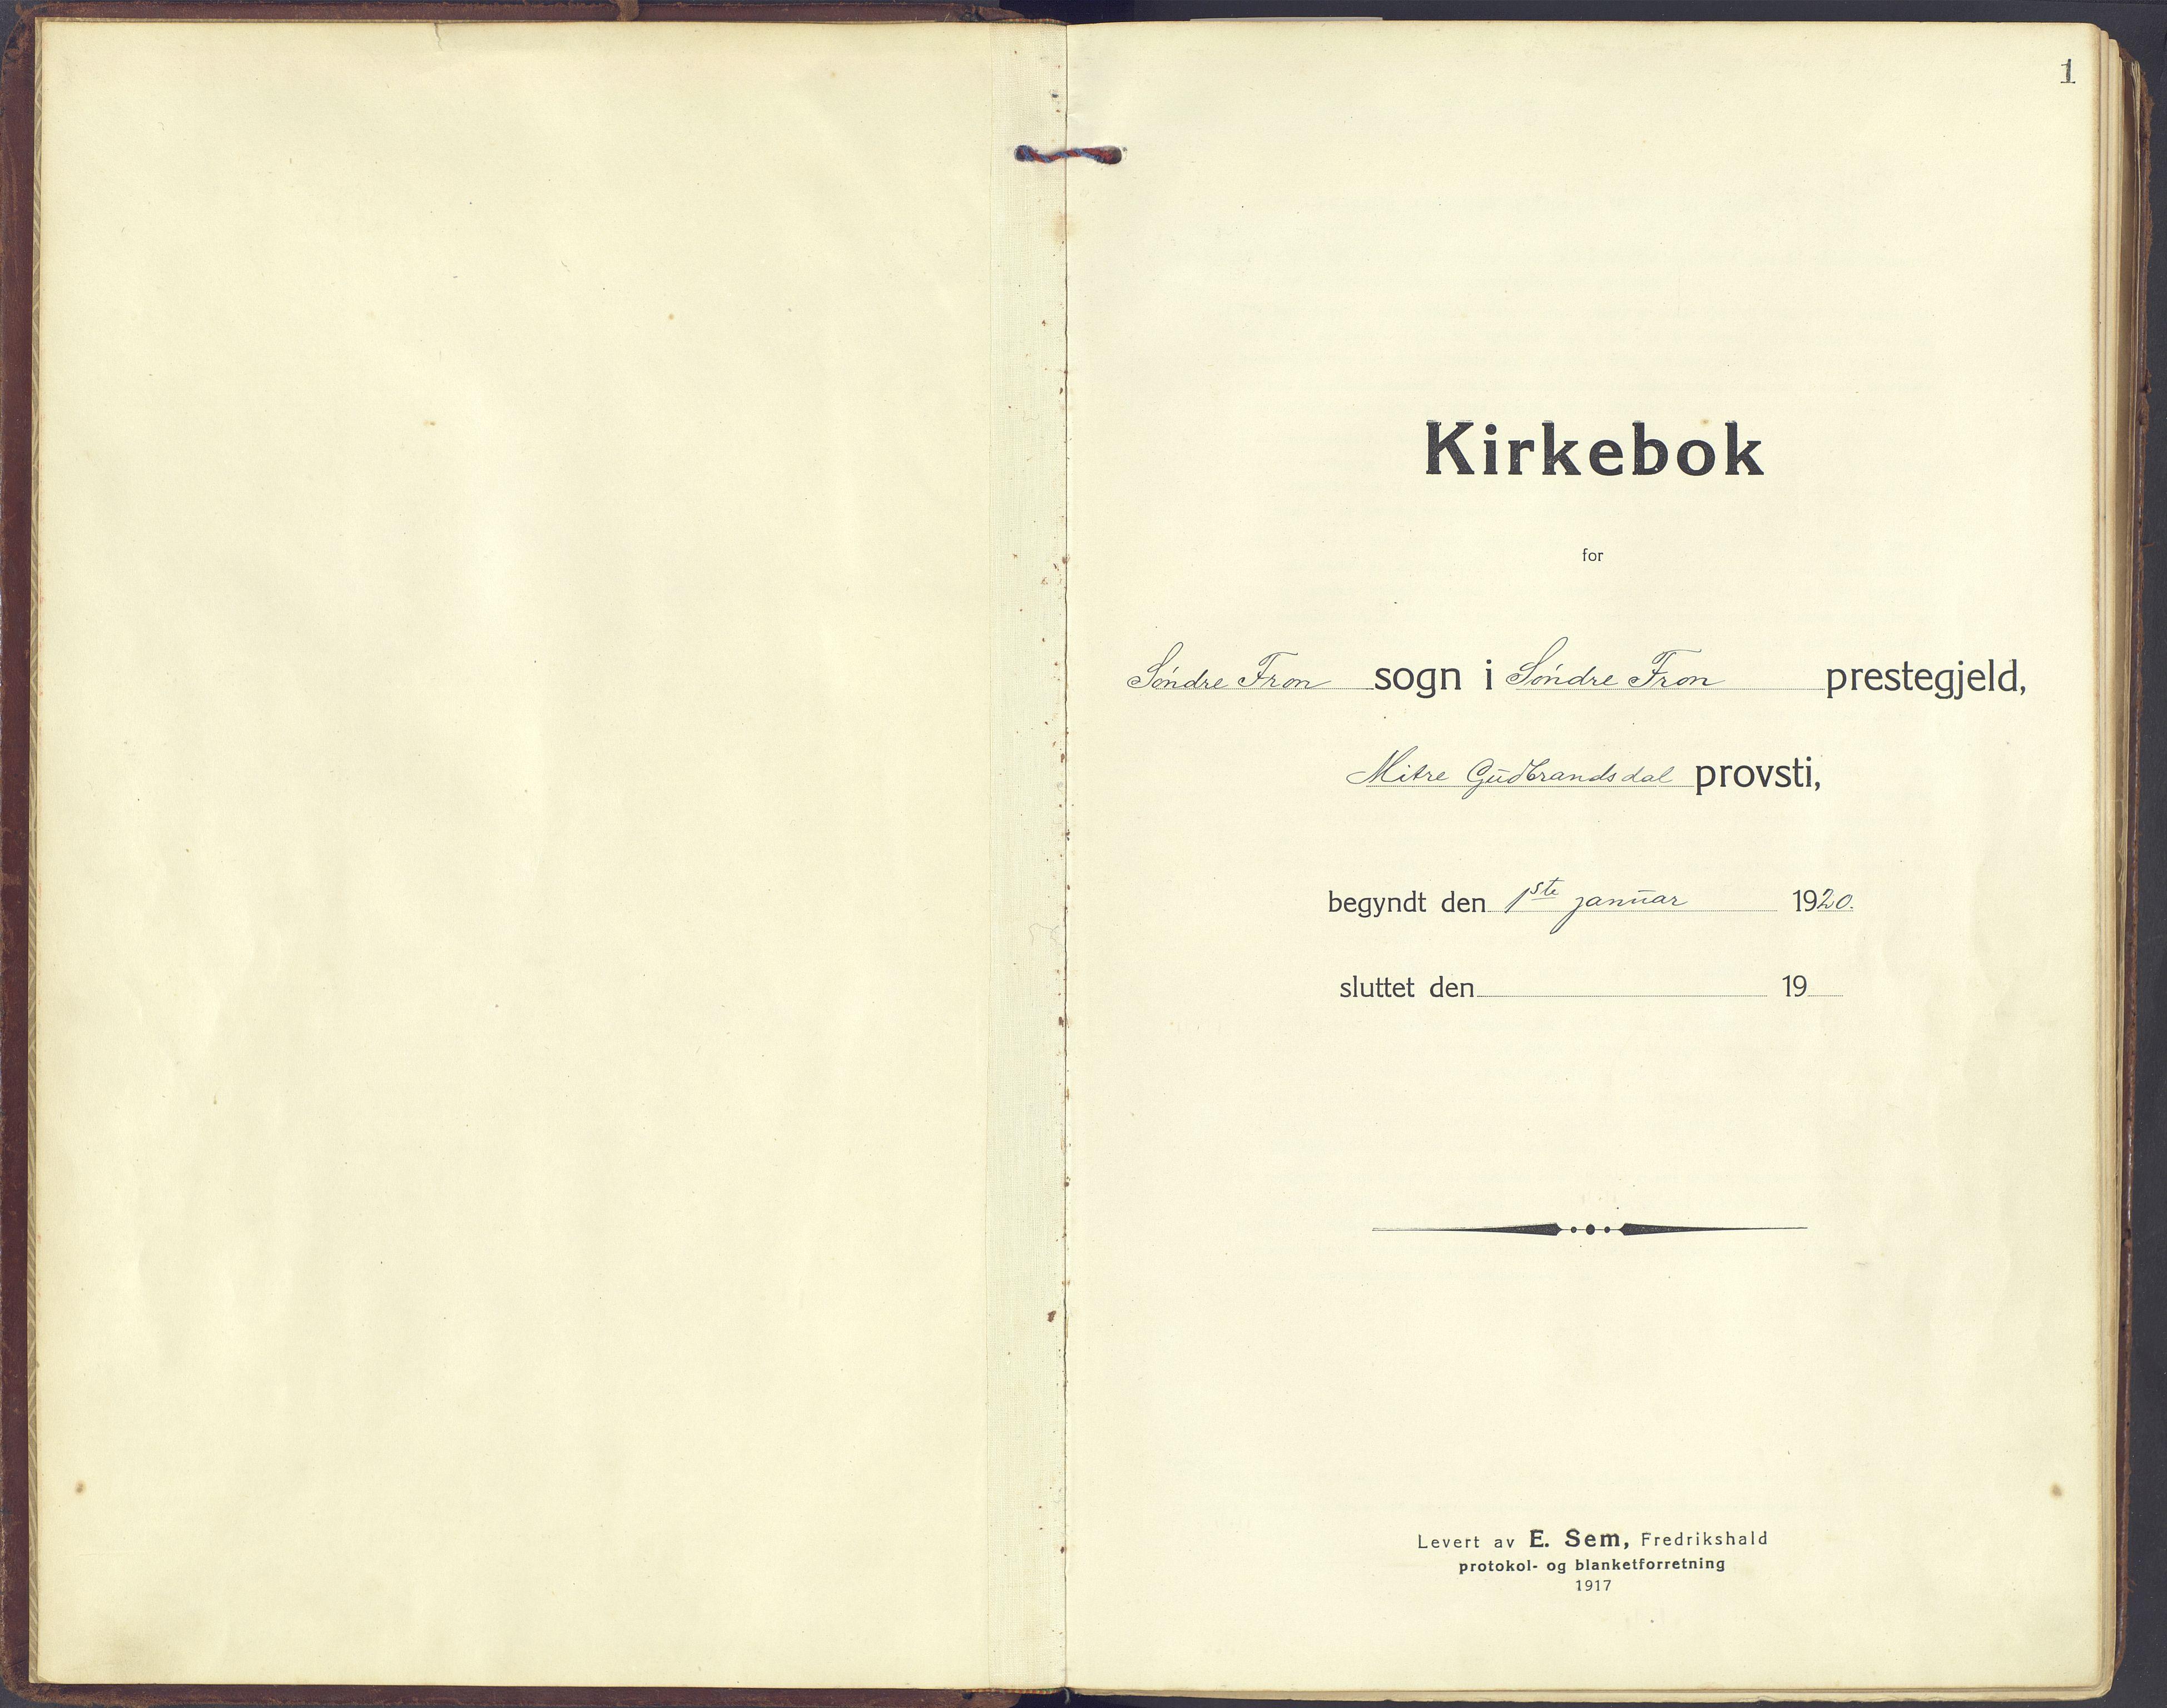 SAH, Sør-Fron prestekontor, H/Ha/Haa/L0005: Parish register (official) no. 5, 1920-1933, p. 1